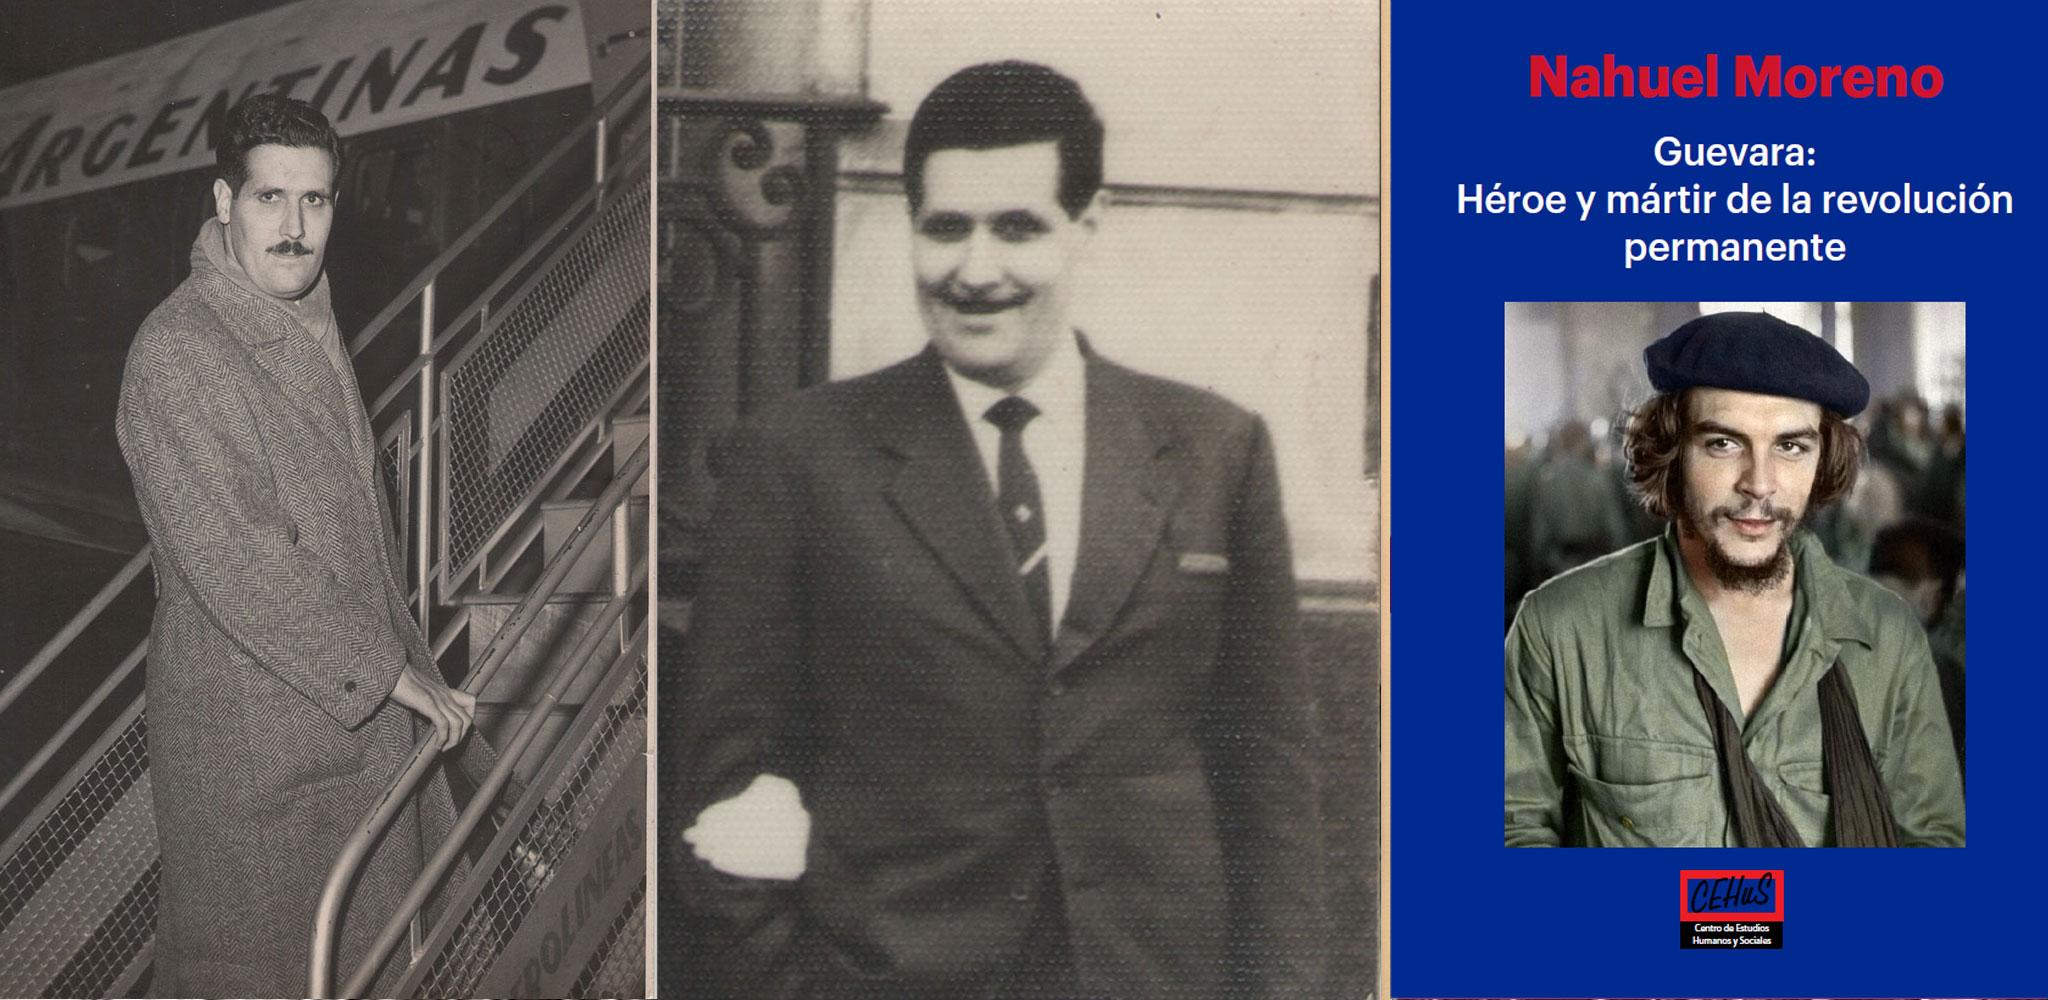 GUEVARA: HÉROE Y MÁRTIR DE LA REVOLUCIÓN PERMANENTE (1967)